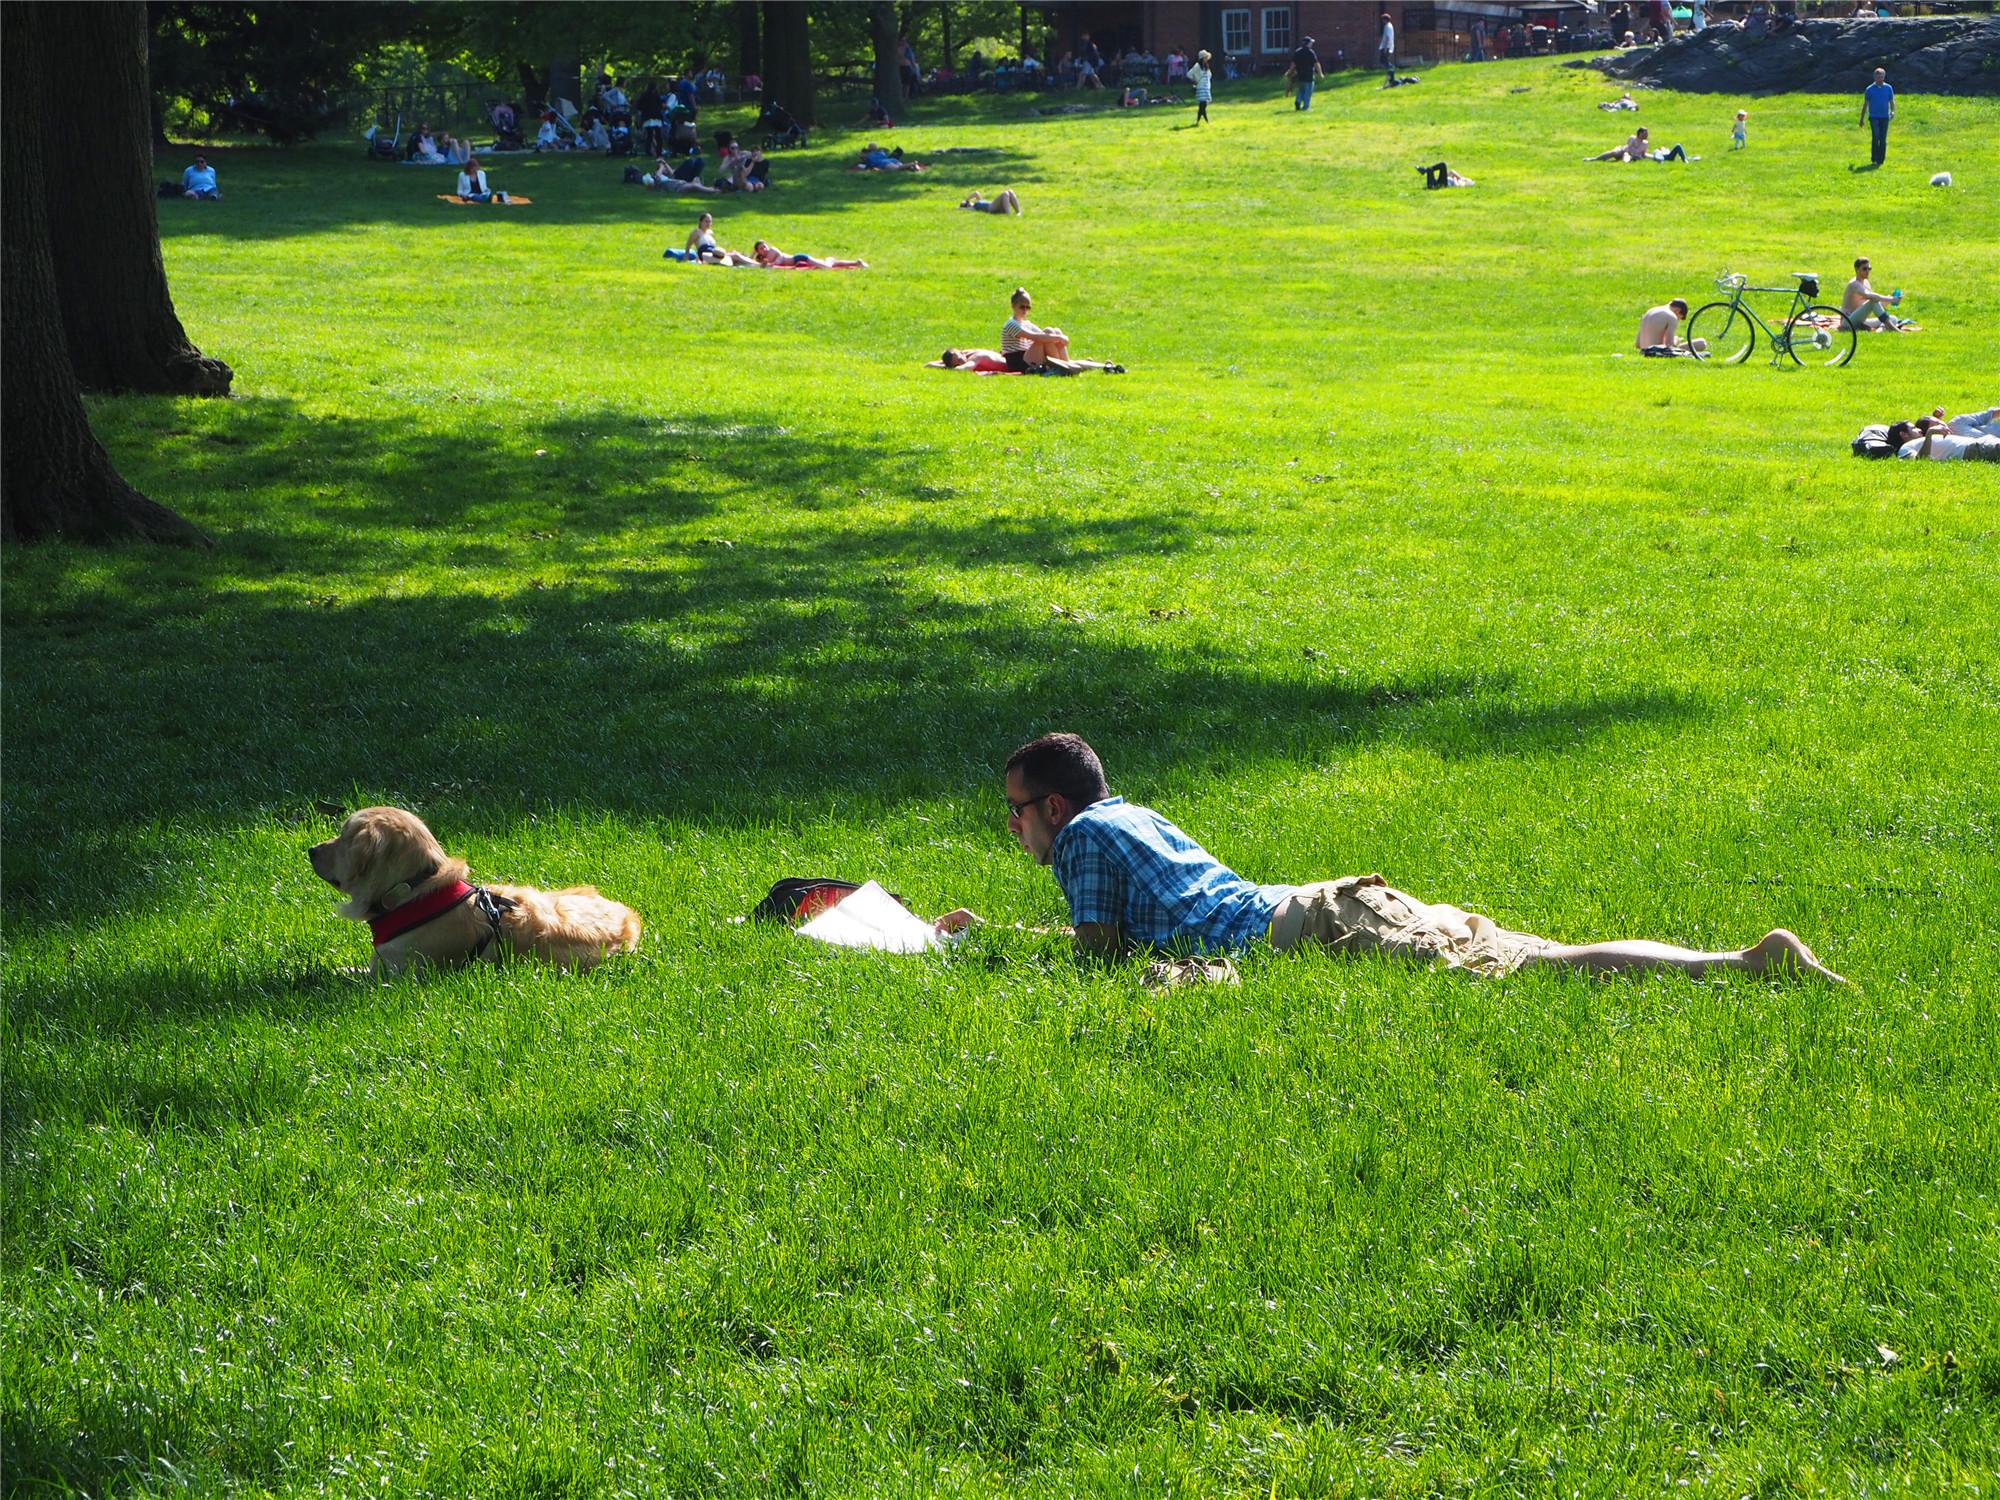 """免费!在这寸土寸金的曼哈顿能保留一个5000多亩的大公园实在难得。多条不同主题的徒步路线让喜欢户外活动的人们慕名而来。当然,骑自行车或者乘坐马车也是游览Central Park的不错选择。城堡附近有个只在夏天为""""莎士比亚公园戏剧节""""开放的Delacorte剧院。"""